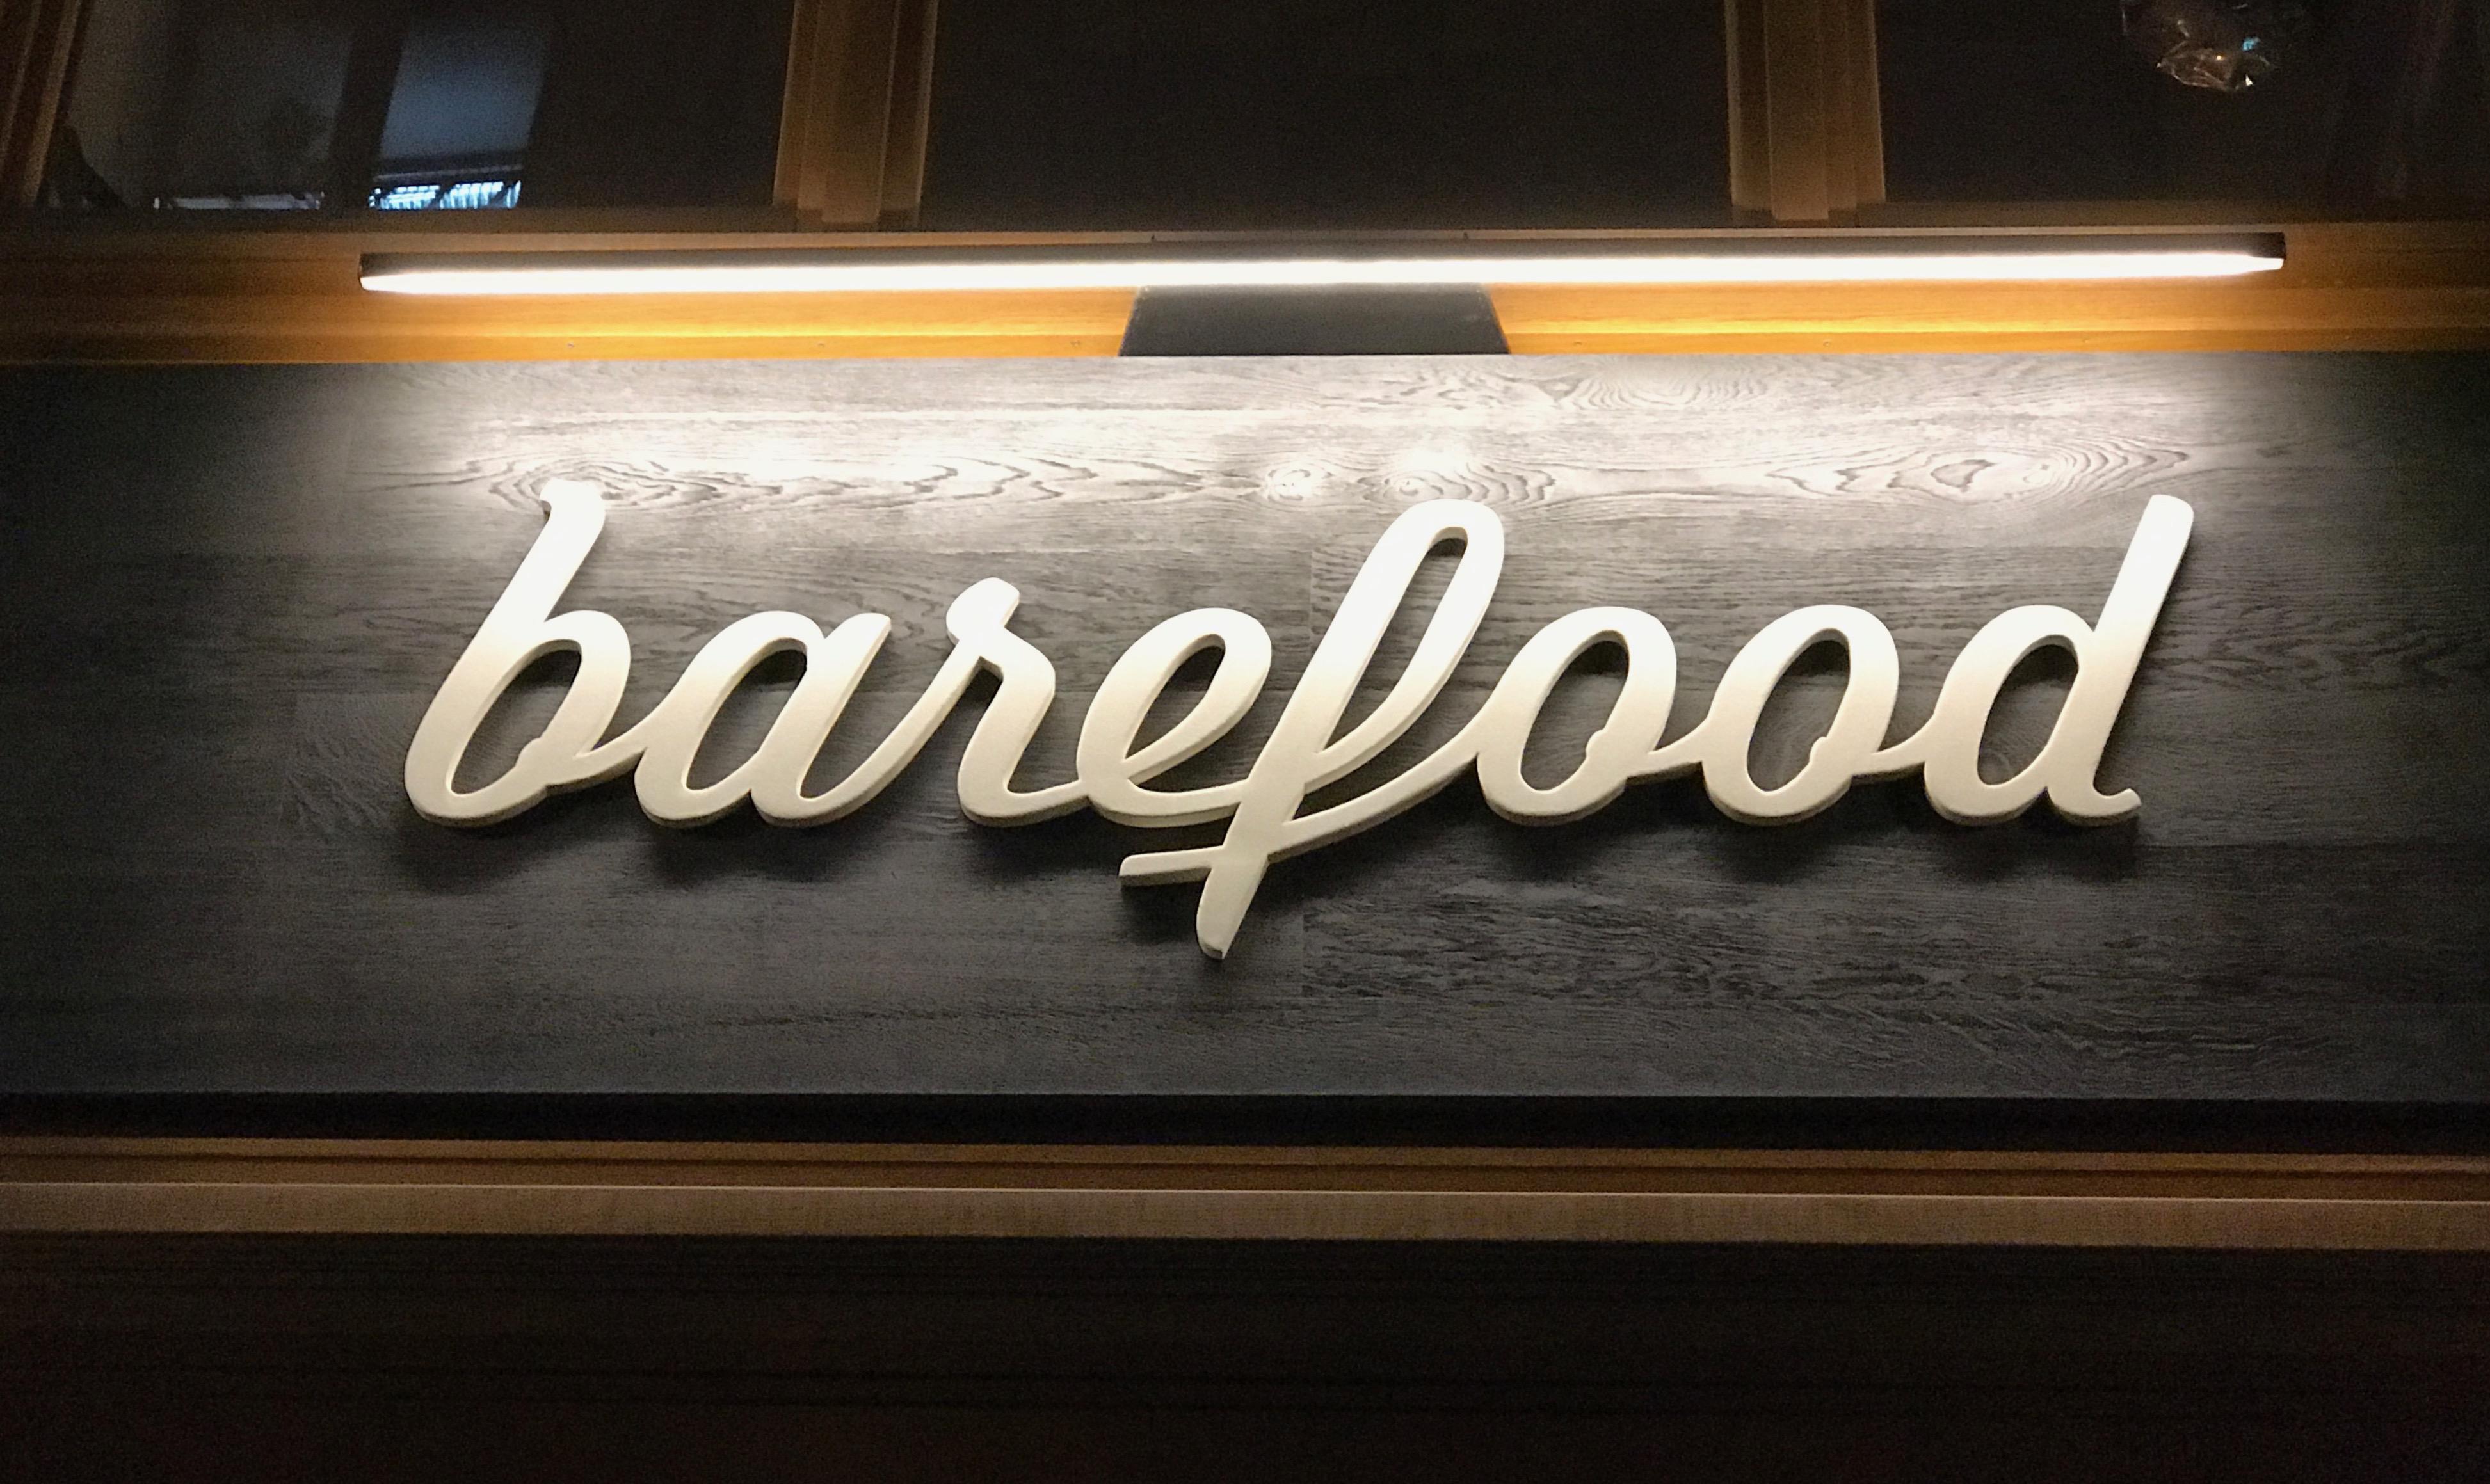 Barefood: Schriftzug